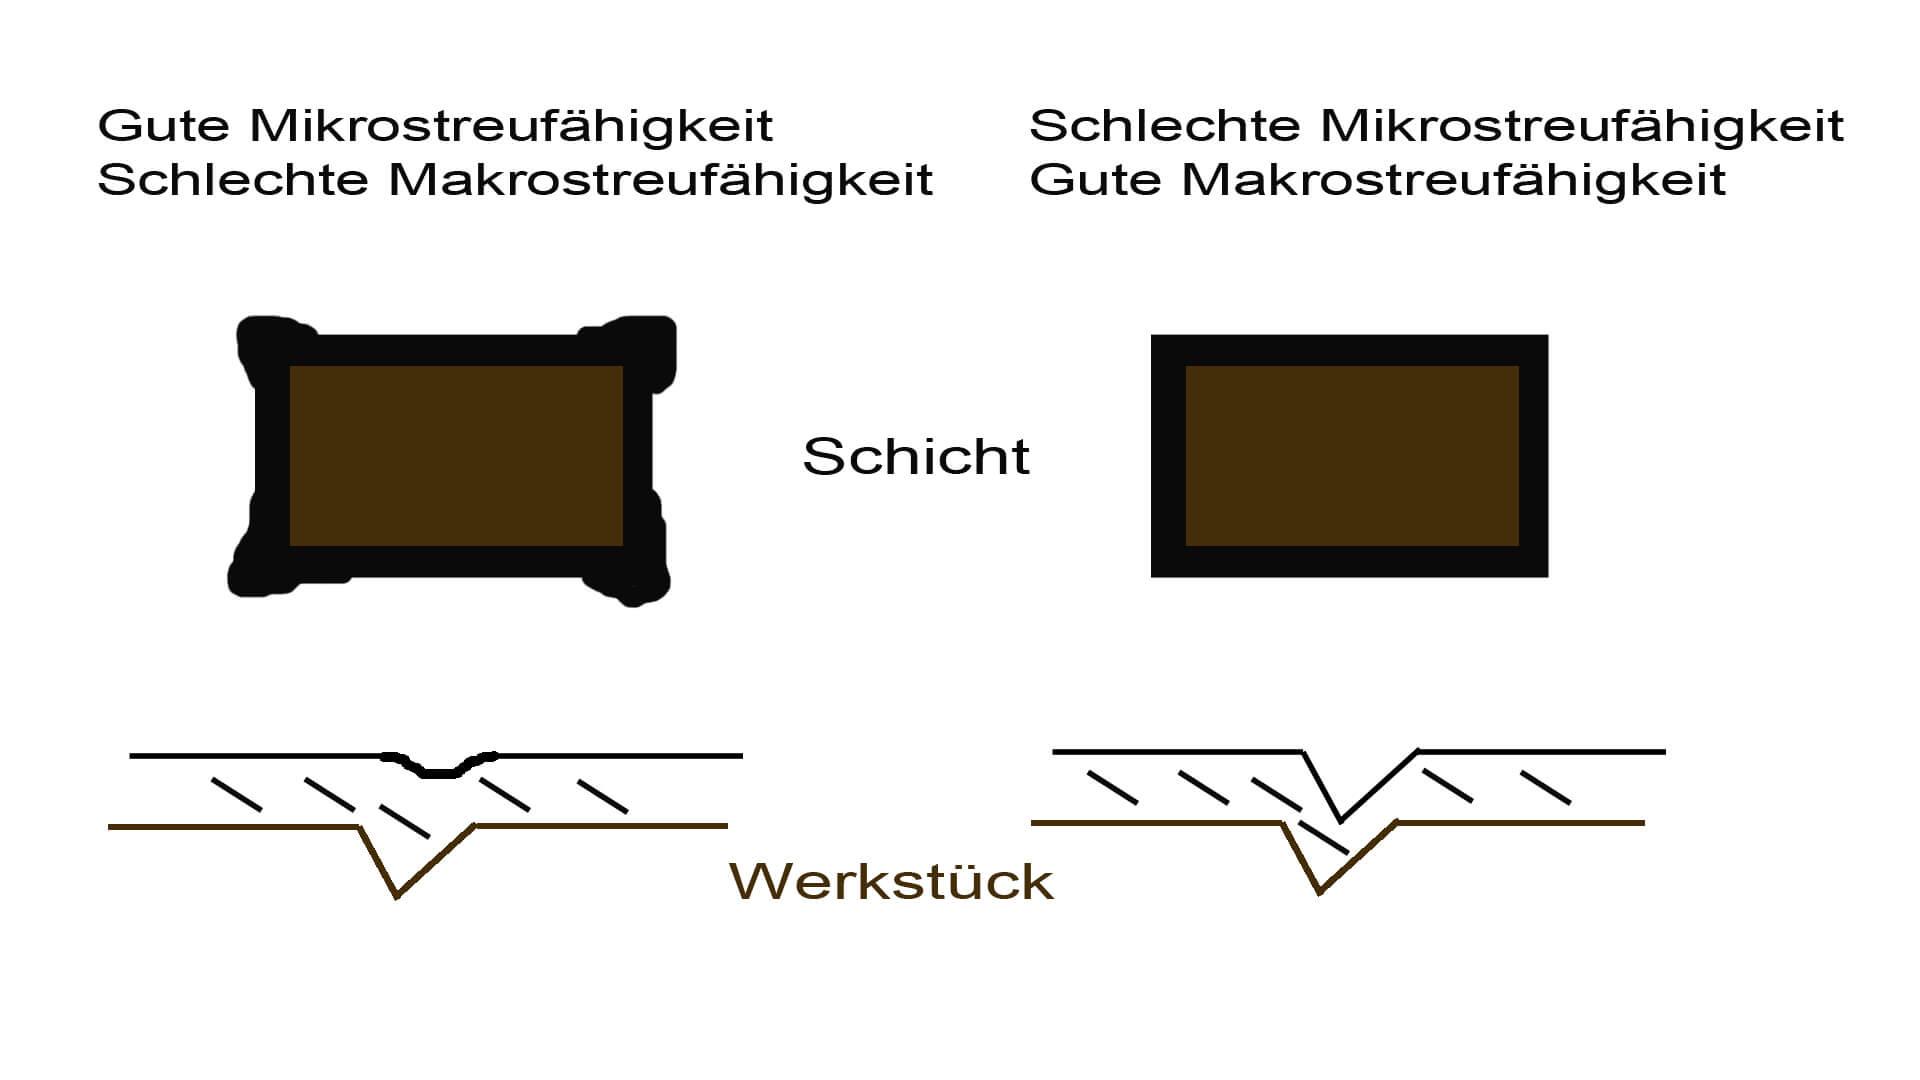 Schaubild auf dem der Unterschied zwischen der Mikrostreufähigkeit und der Makrostreufähigkeit erklärt wird.